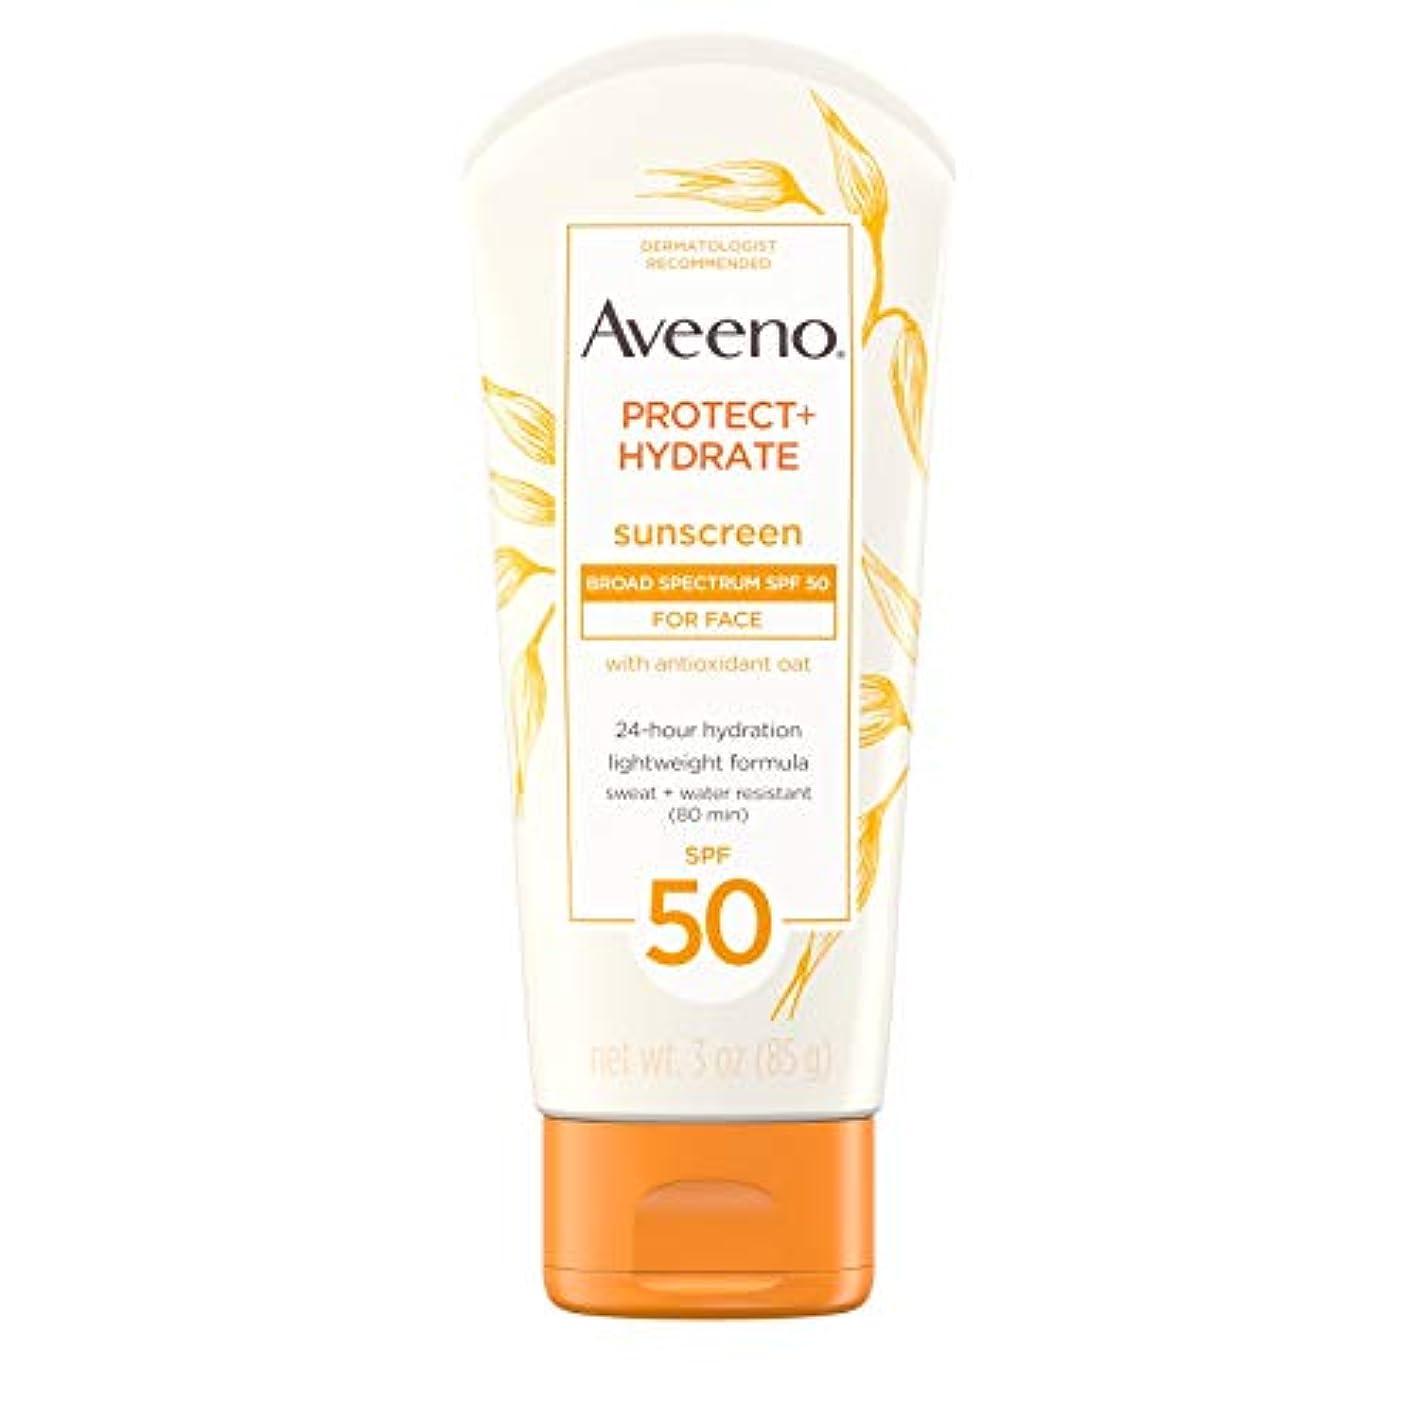 プリーツ残り構成員Aveeno アビーノ 日焼け止め ローションSPF-50 protect+hydrate Sunscreen Lotion(平行輸入品) 85g (3Oz)